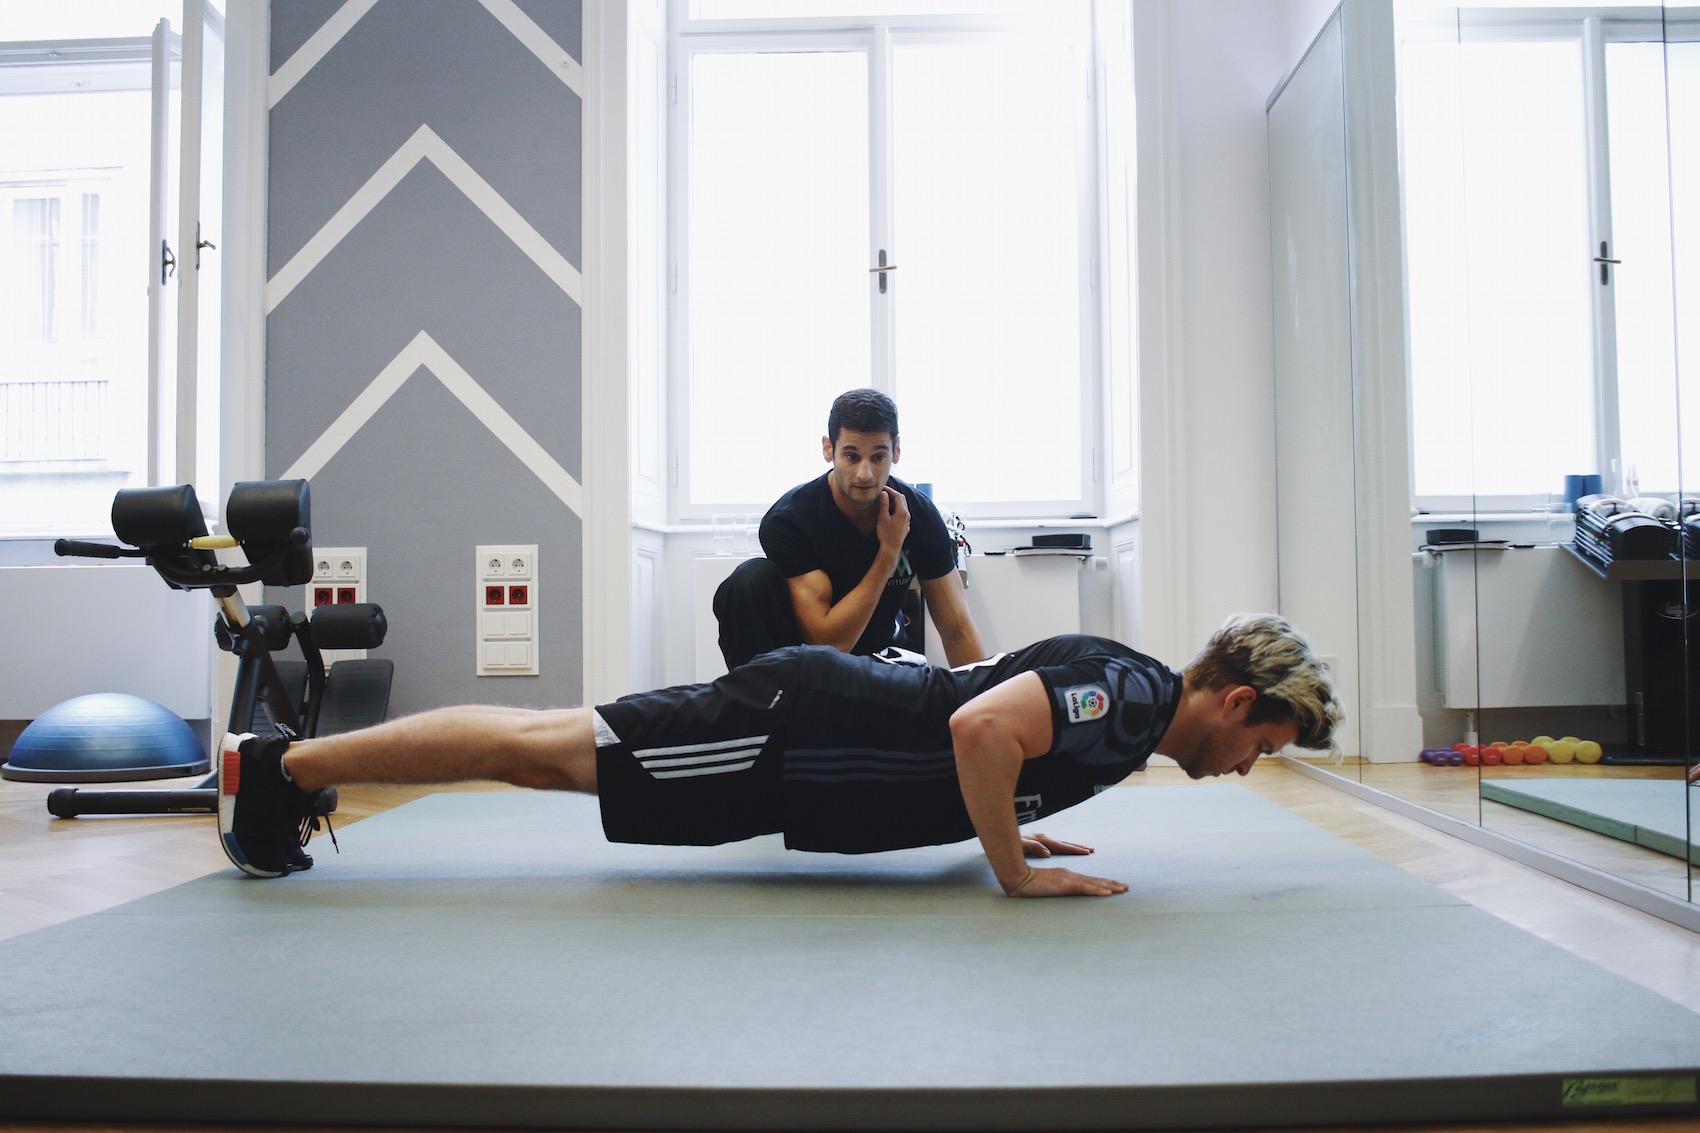 Brusttraining mit eigenem Körpergewicht_Liegestützen und Dips richtig machen_Meanwhile in Awesometown_Wiener Männermode und Lifestyle Blogger7